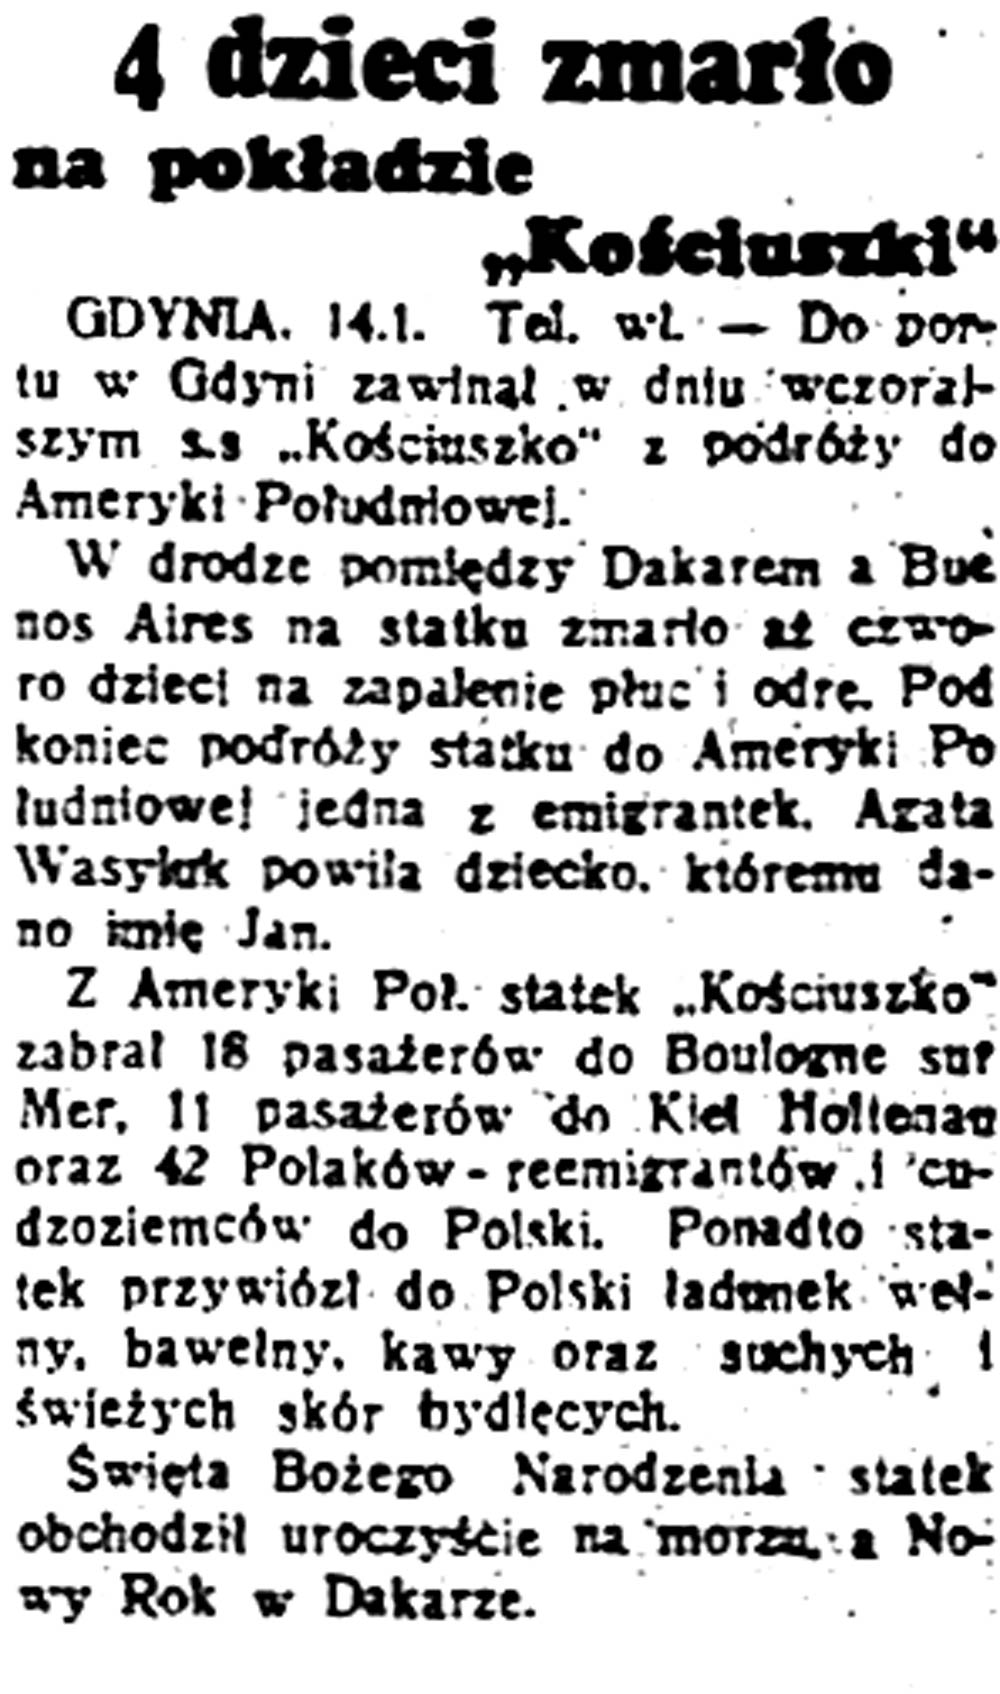 """[Statek KOŚCIUSZKO] 4 dzieci zmarło na pokładzie """"Kościuszki"""" // [brak danych]"""